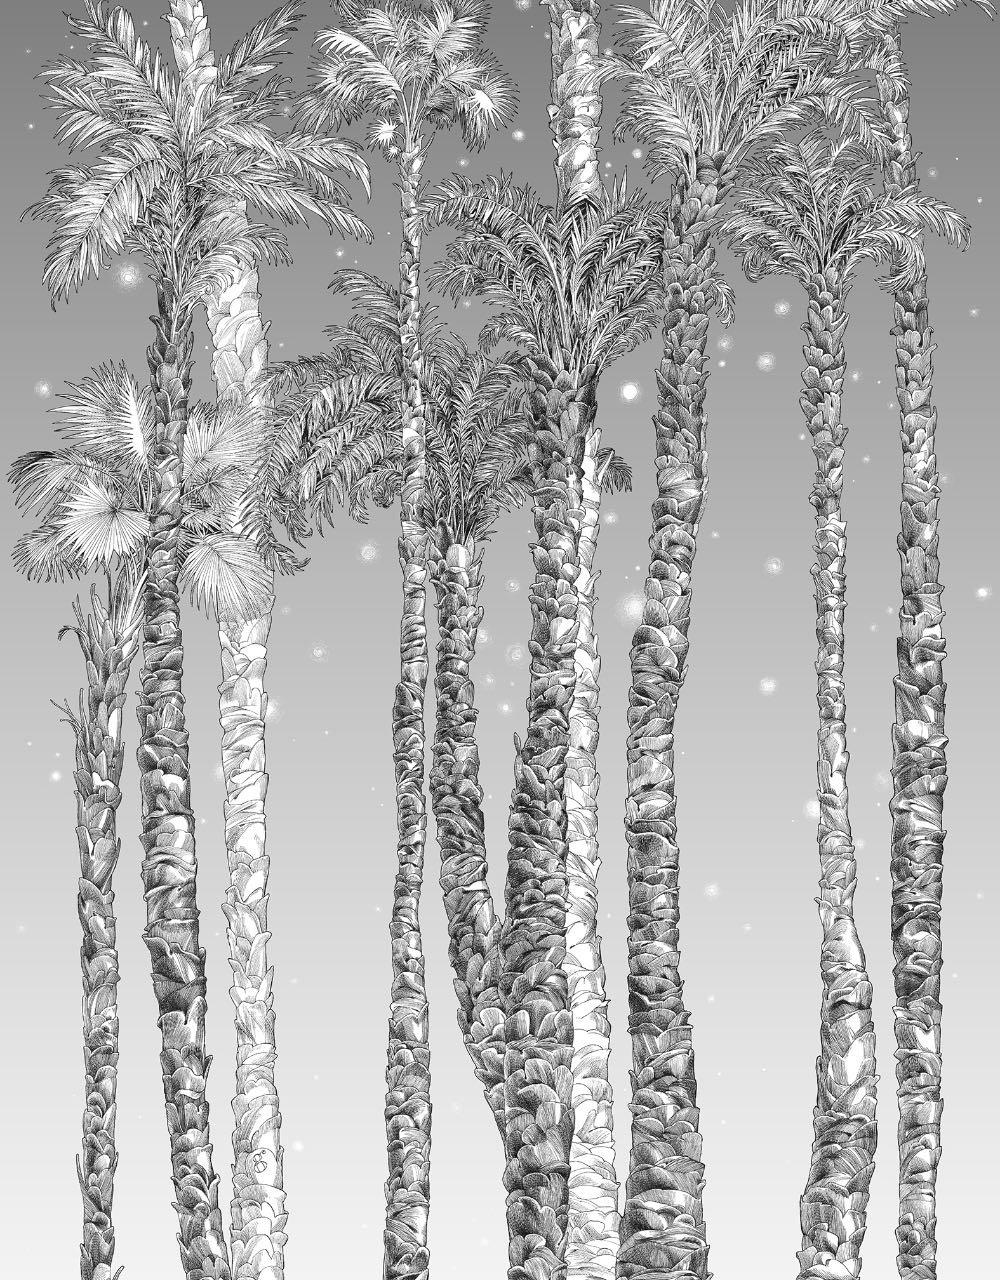 フランス壁紙 1ロール(3m) フリース(不織布) - 防炎加工 by キャサリン・グラン 《ヌイ・エトワール - 右》 ブラック & ホワイト by Edmond Petit (エドモンプティ)